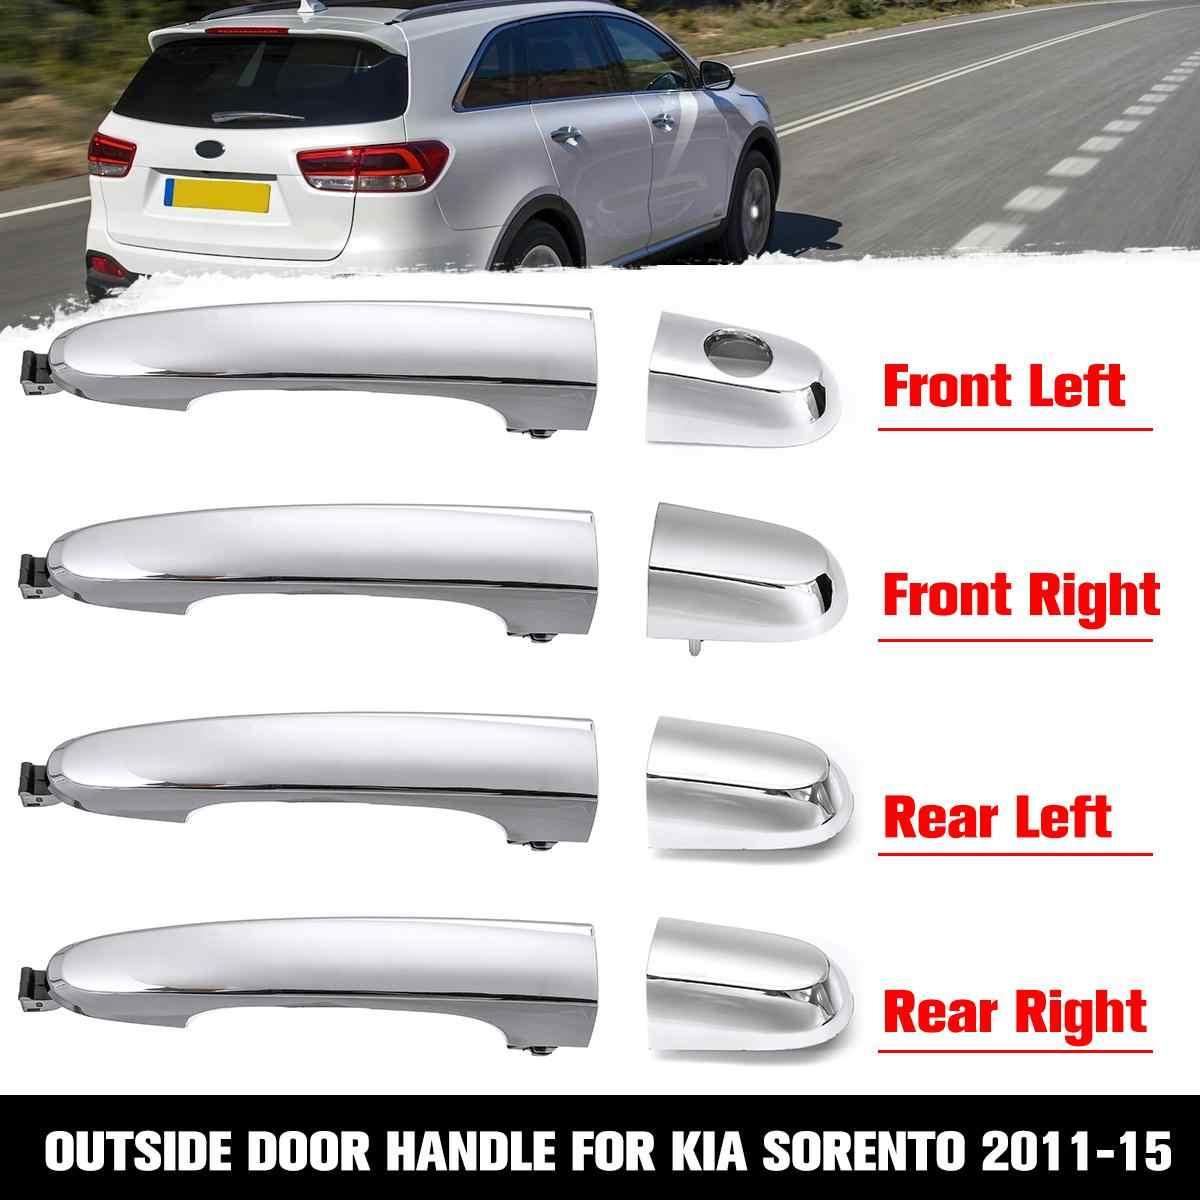 Outside Outer Exterior Rear Left /& Right Door Handles for KIA 2003 2004 2005 RIO